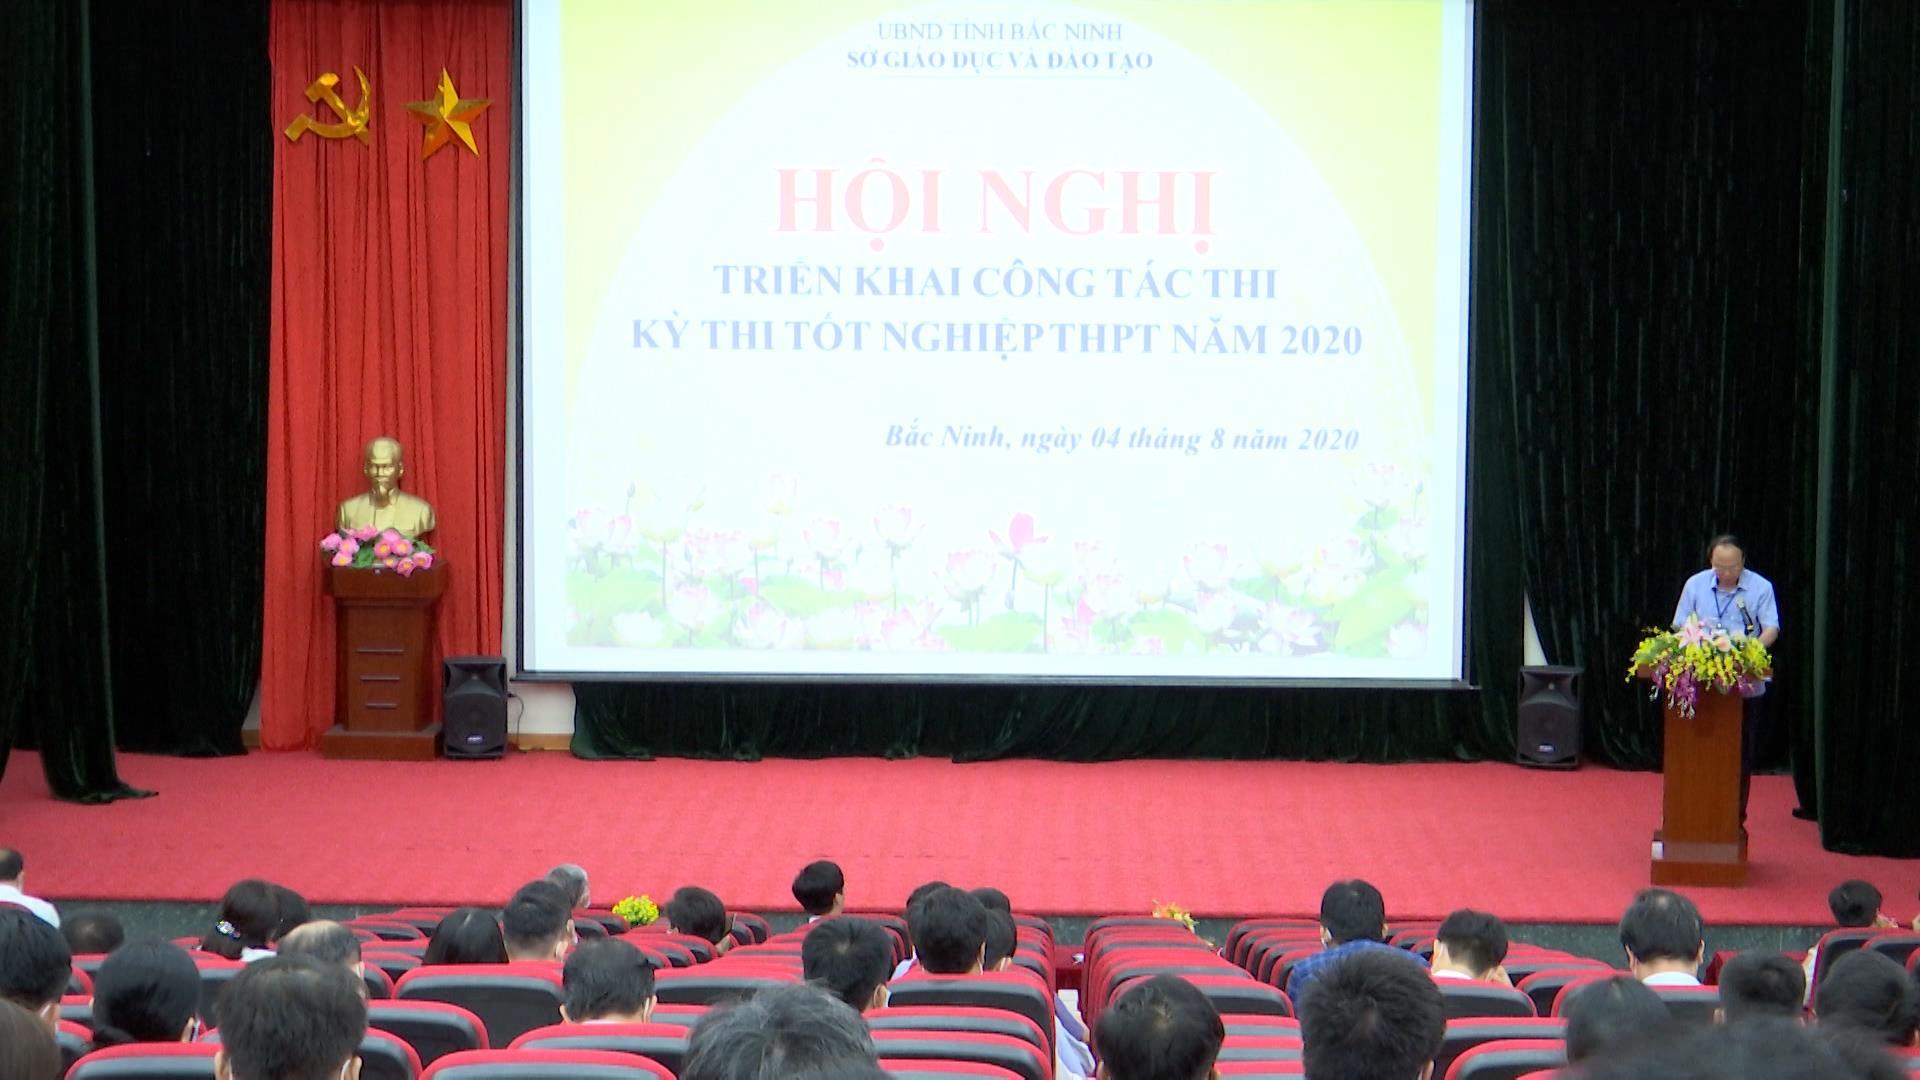 Bắc Ninh triển khai công tác thi, kỳ thi tốt nghiệp Trung học phổ thông 2020